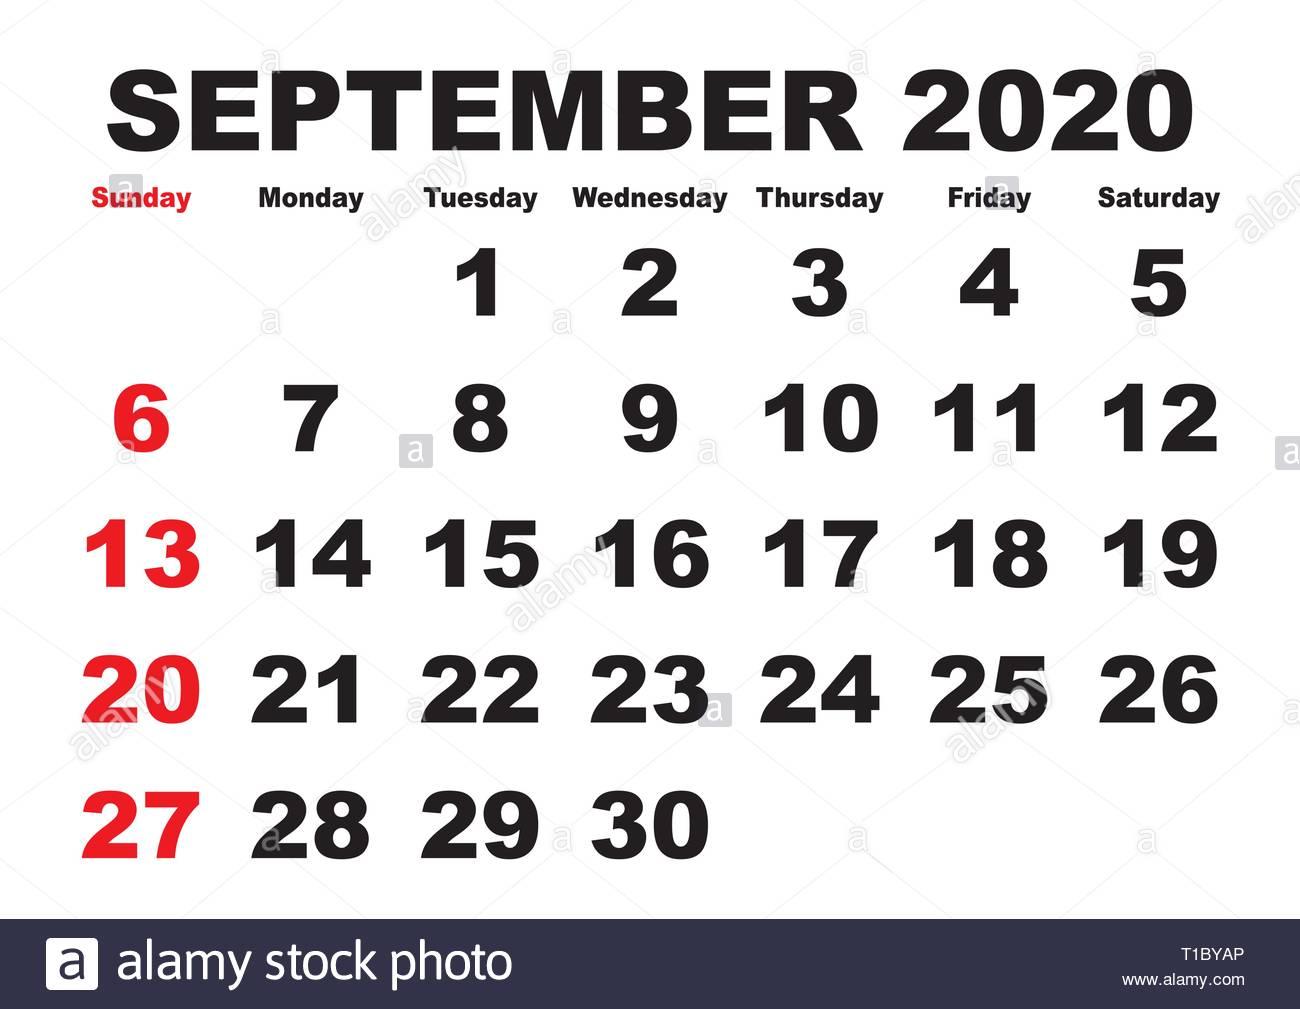 2020 Calendar Stock Photos & 2020 Calendar Stock Images - Alamy